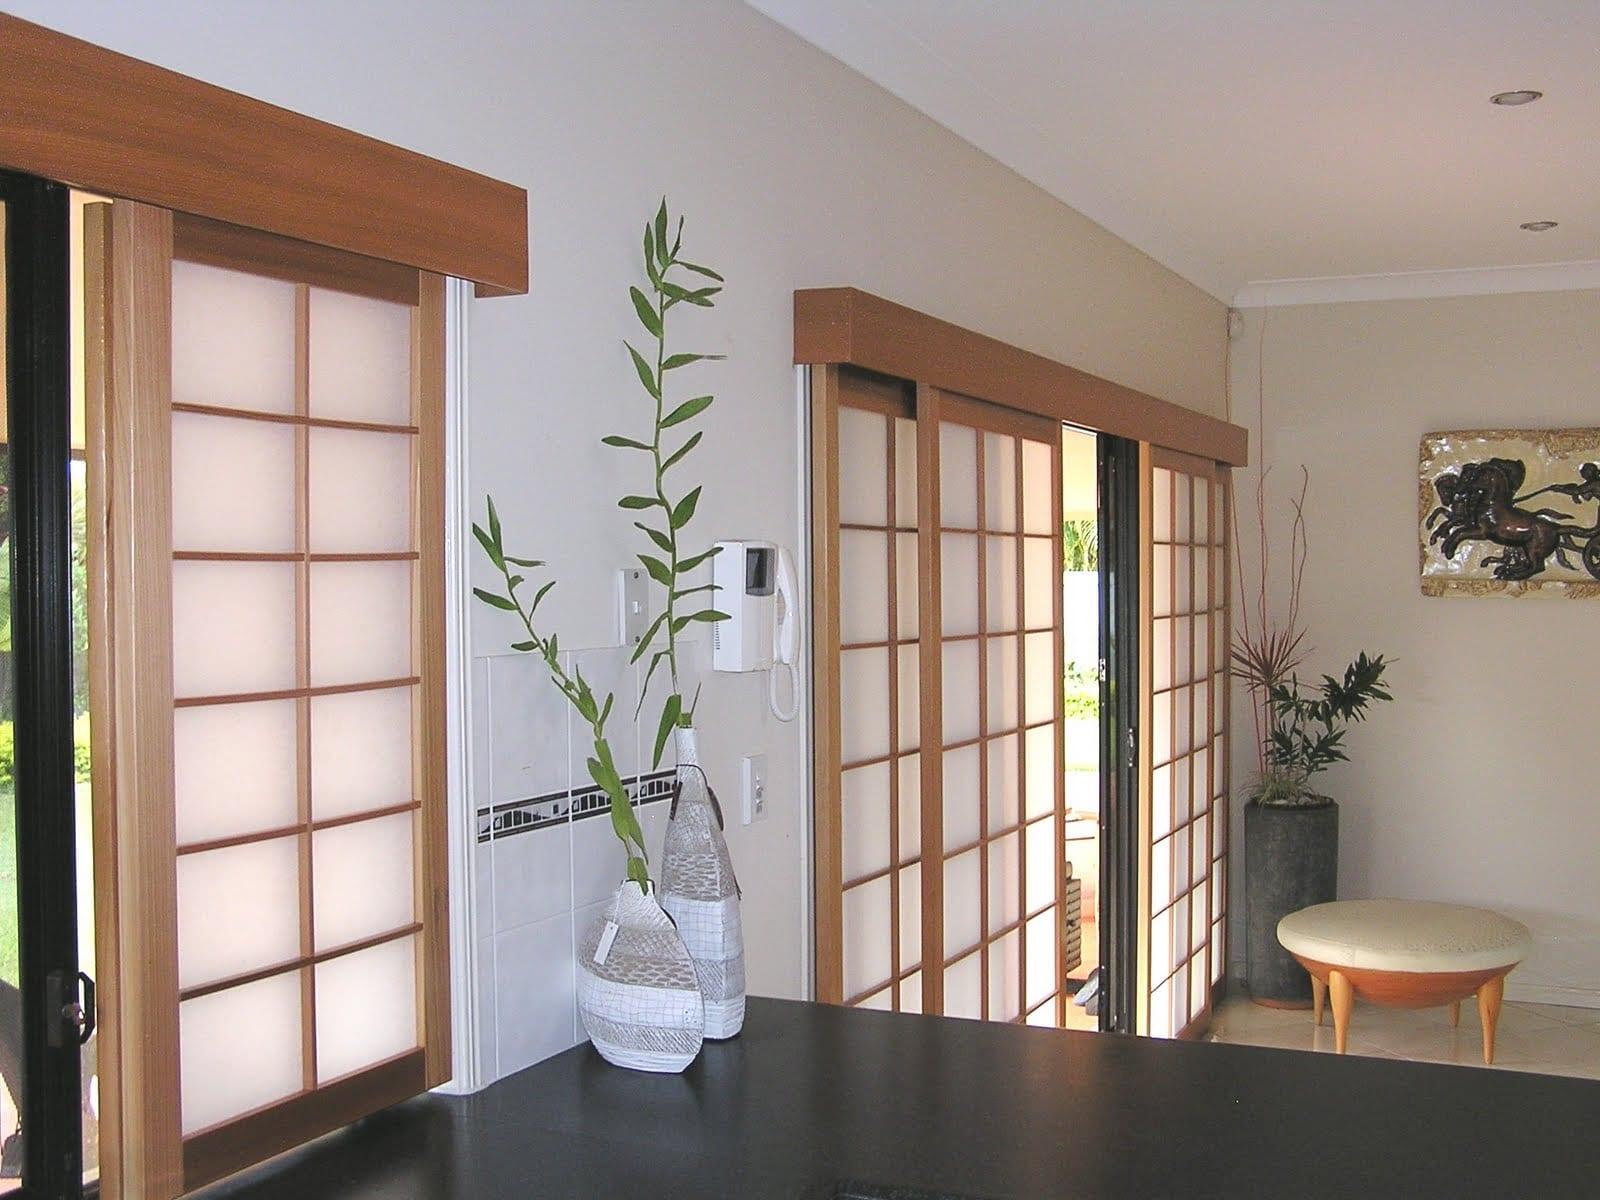 5 muebles b sicos para una decoraci n japonesa - Cortinas para tragaluz ...